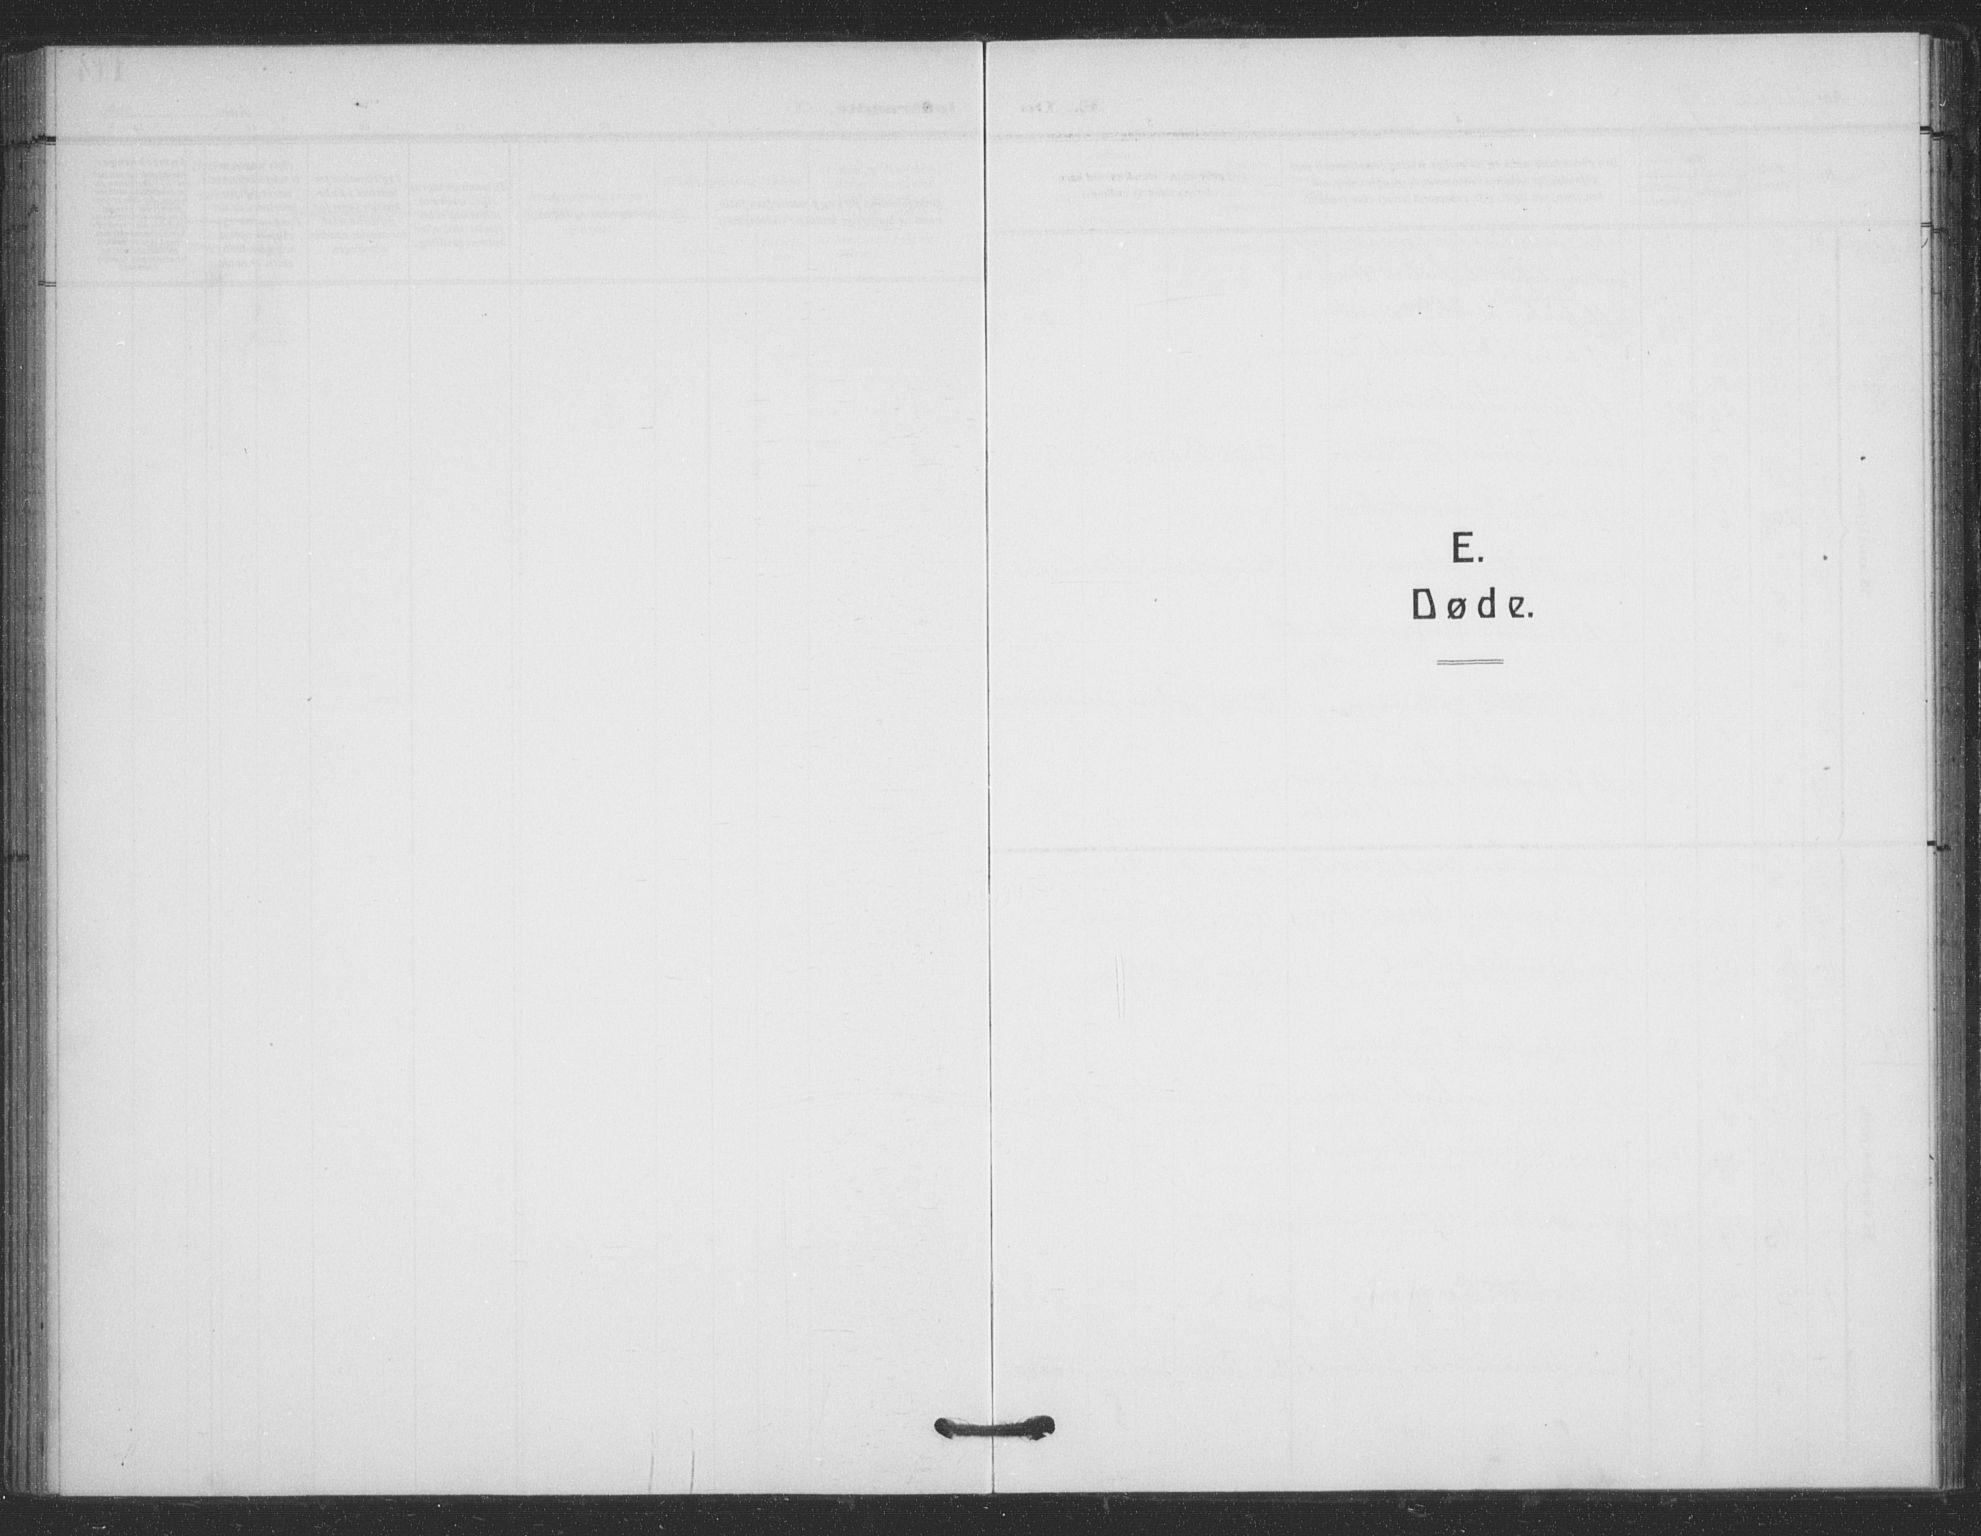 SATØ, Tana sokneprestkontor, H/Ha/L0008kirke: Ministerialbok nr. 8, 1908-1920, s. 111